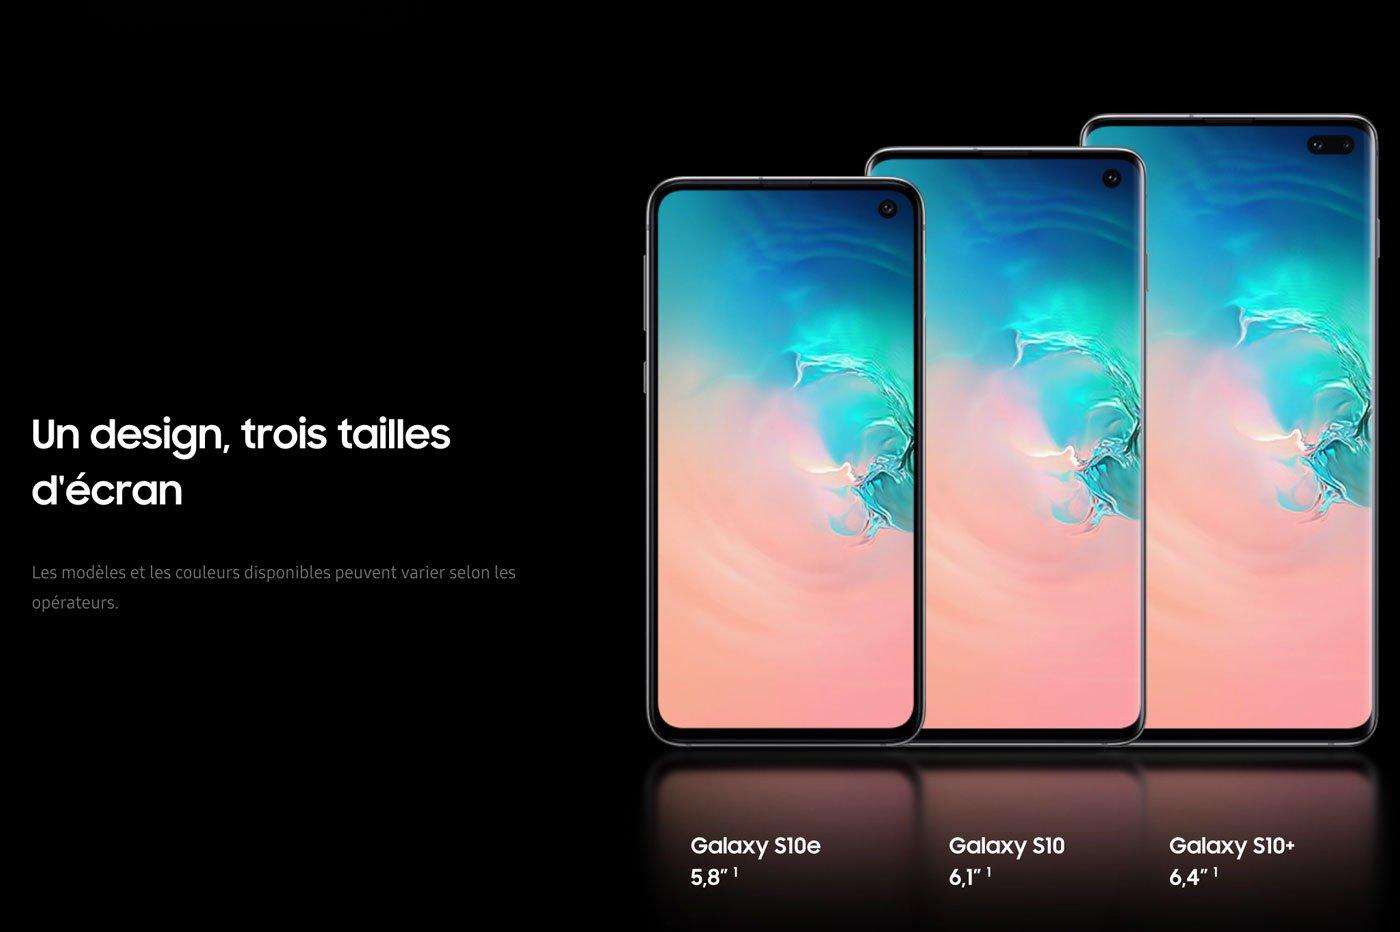 Samsung Galaxy S10e vs S10 vs S10+